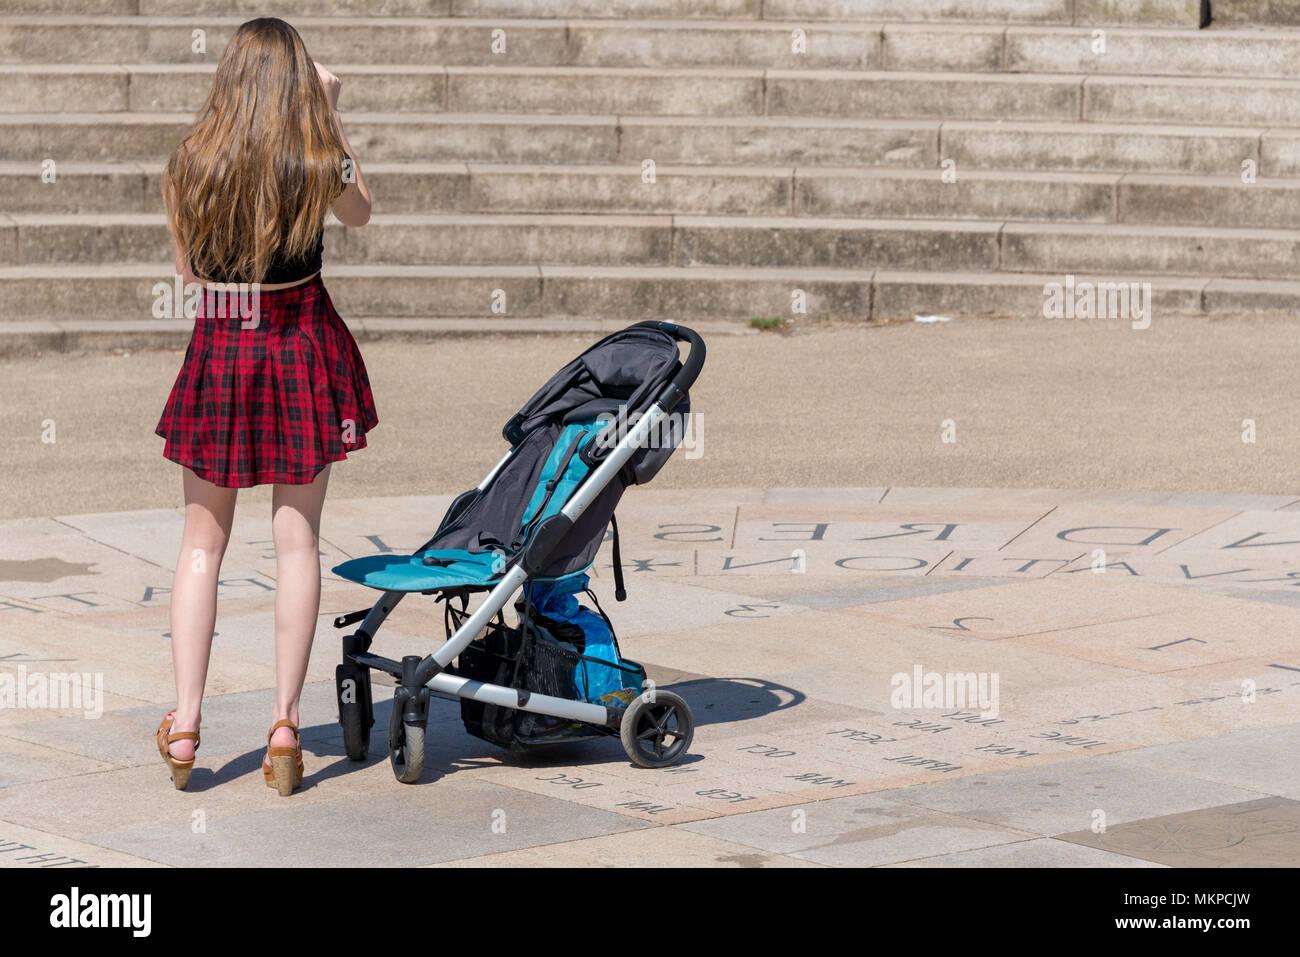 Jeune mère en jupe tartan rouge et talons hauts avec blue poussette en  amphithéâtre pierre dff5e596fc83